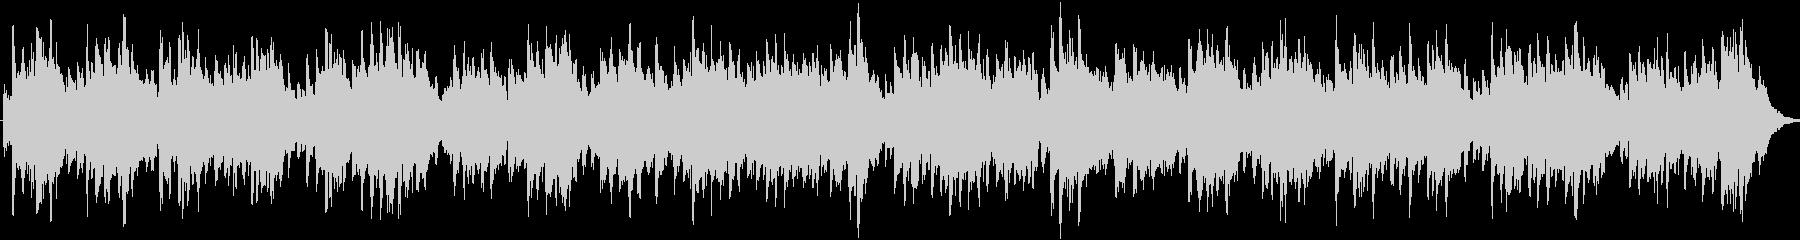 ソル作曲のEstudio作品31の5ですの未再生の波形